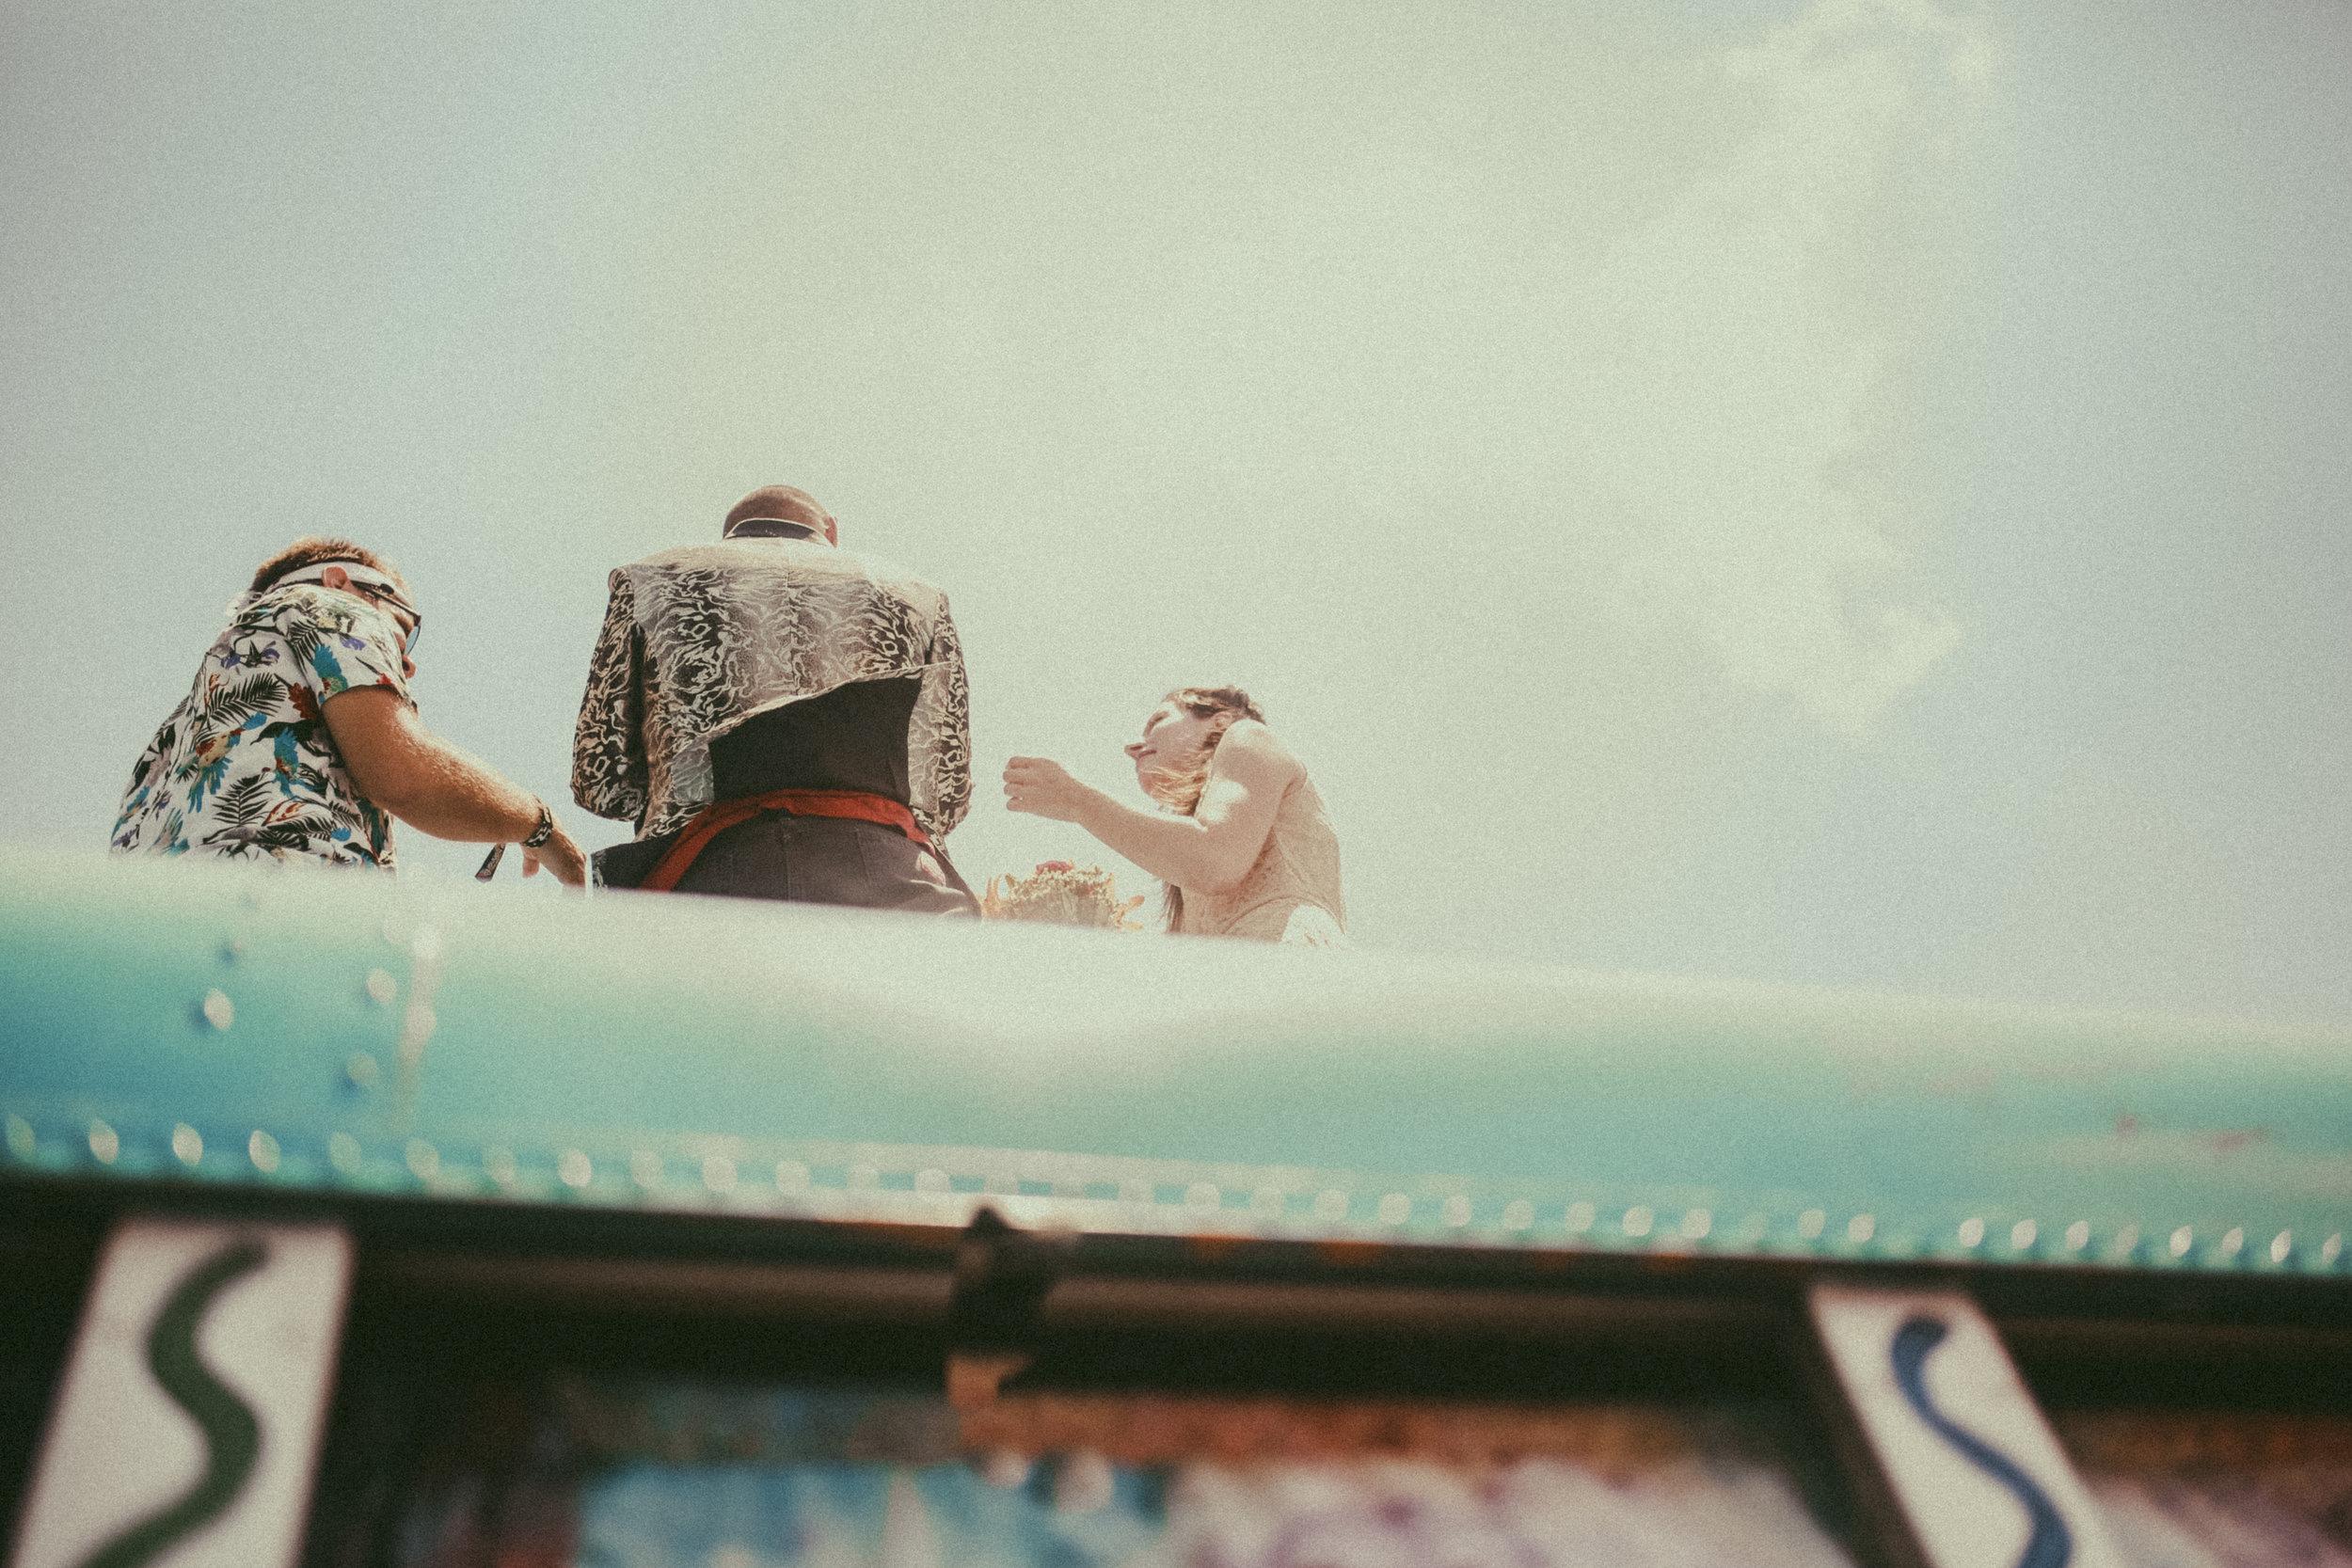 Bonnaroo-MusicFestivalWedding-Brittany&Kevin-23.jpg